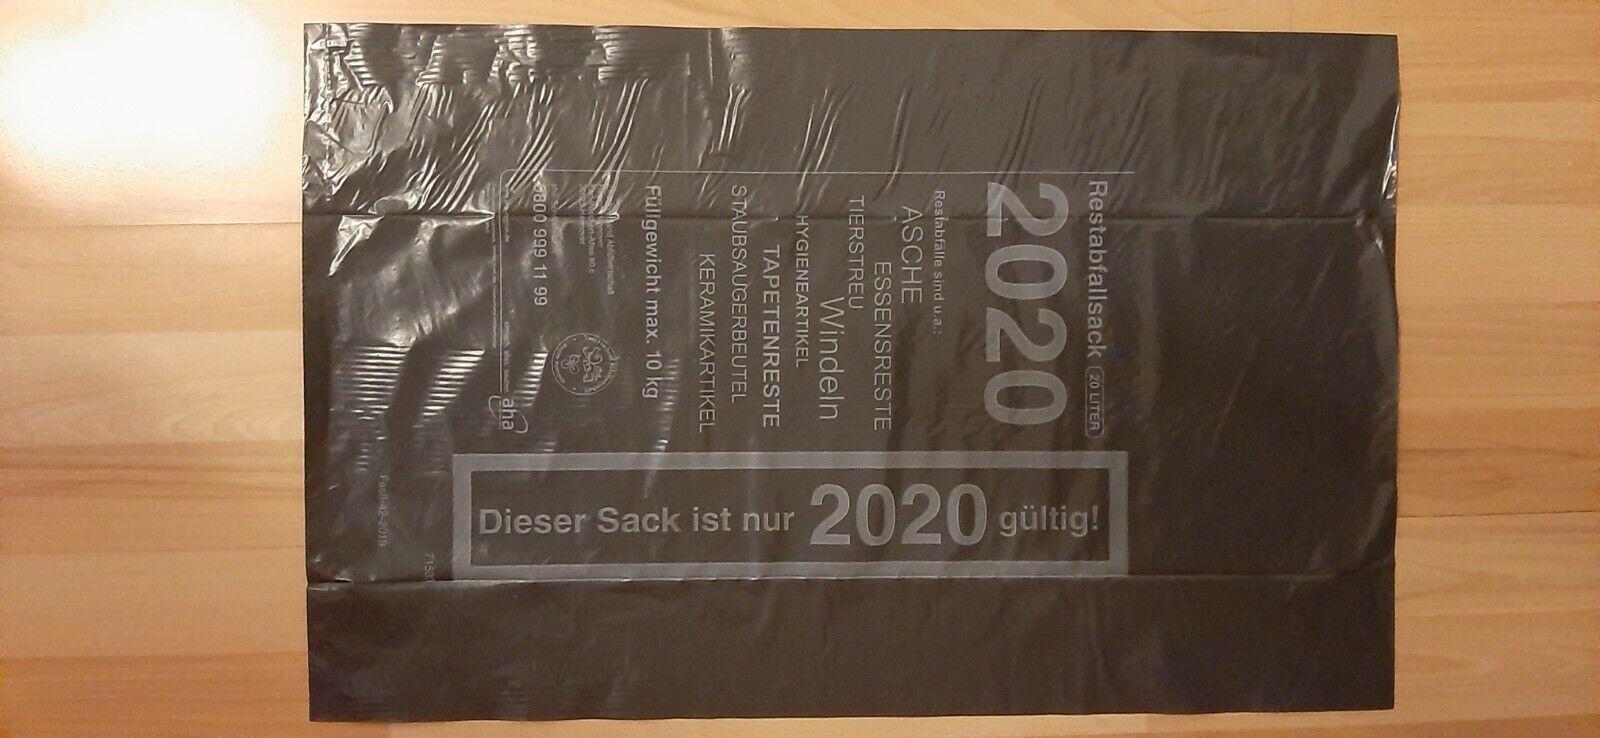 5 x 20 l AHA-RESTMÜLLSÄCKE 2020, Abfallsäcke, Restmüllsäcke, Region Hannover